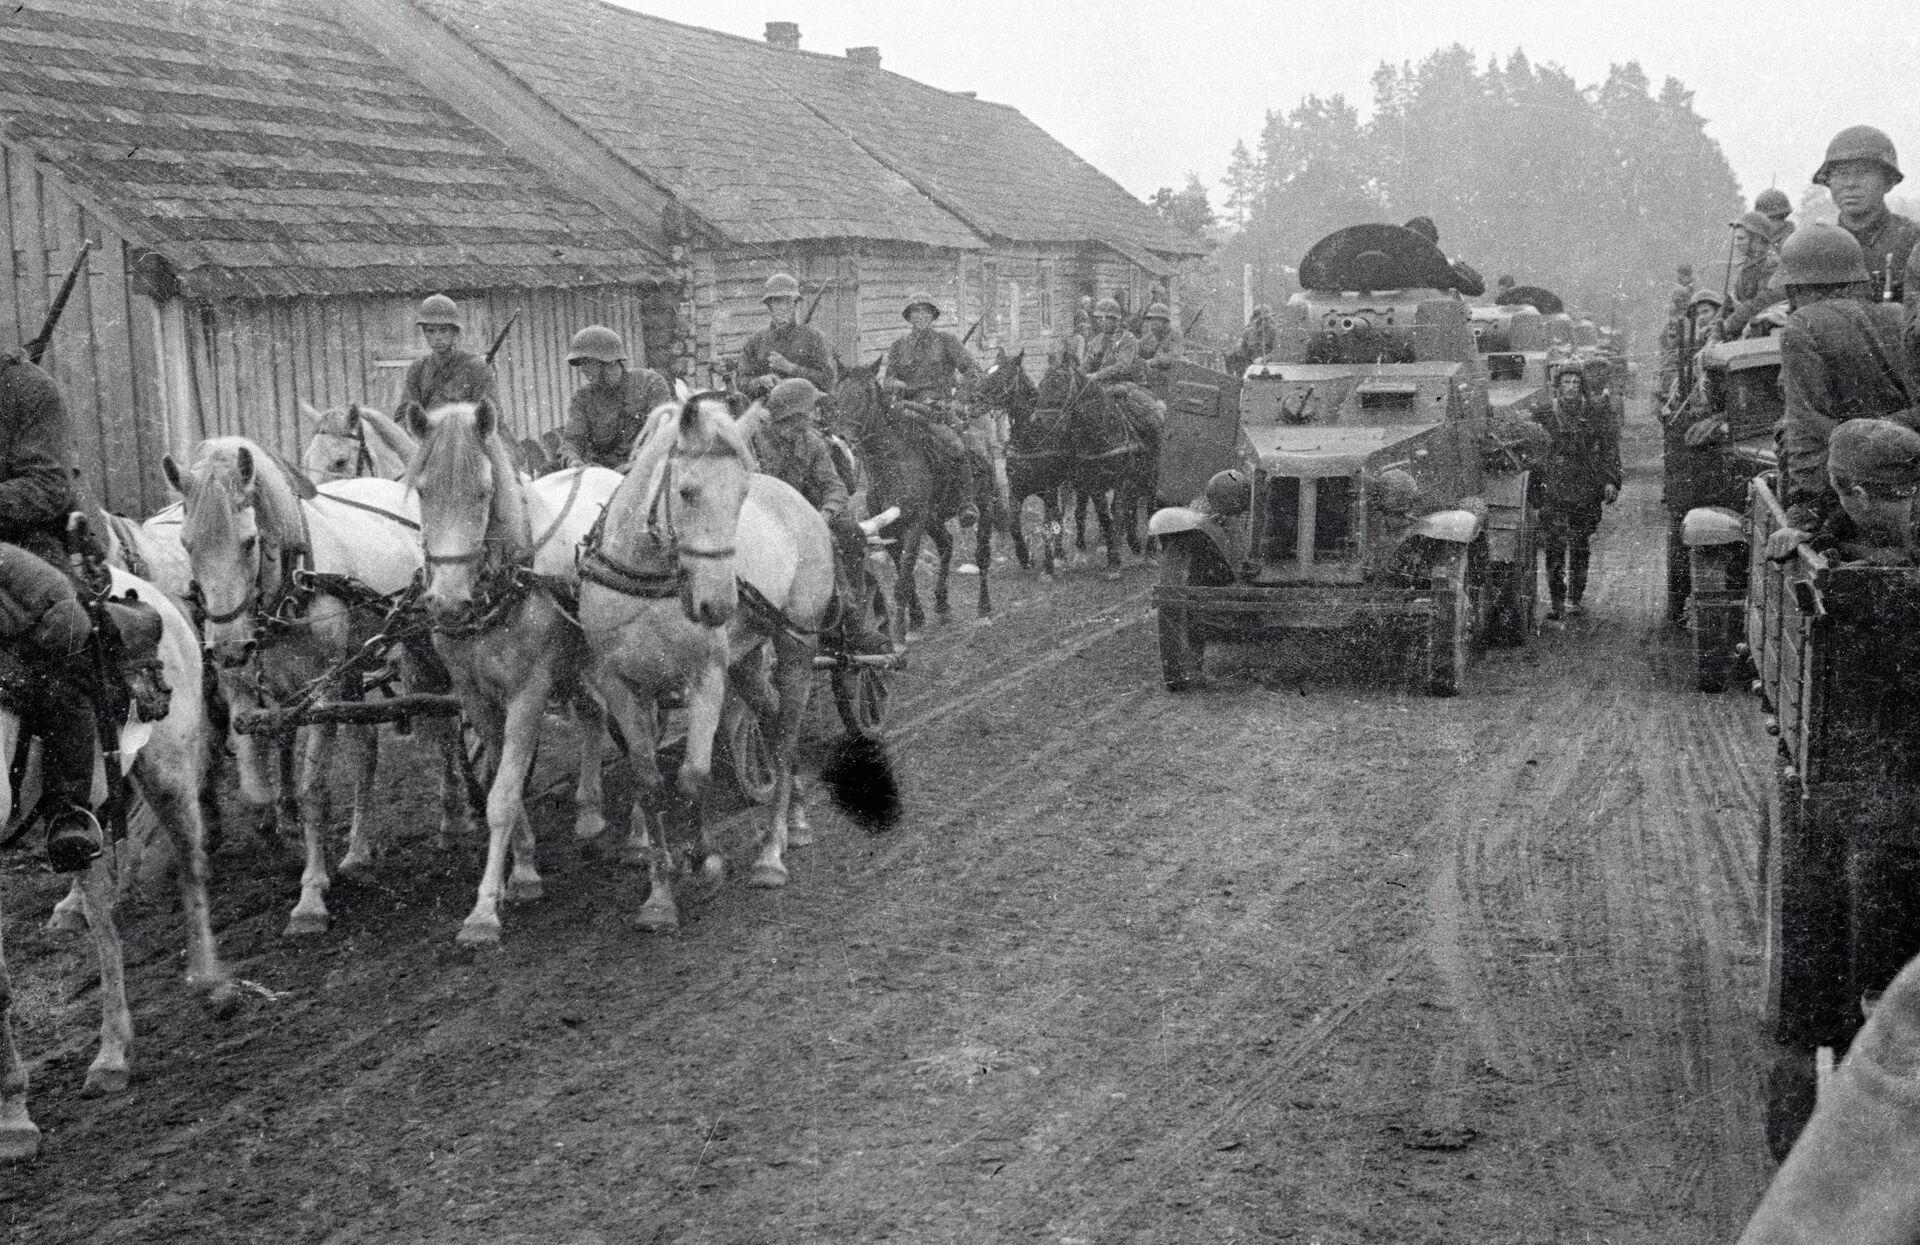 Советские войска проходят через деревню Молочанка в Западной Беларуси - Sputnik Беларусь, 1920, 17.09.2021